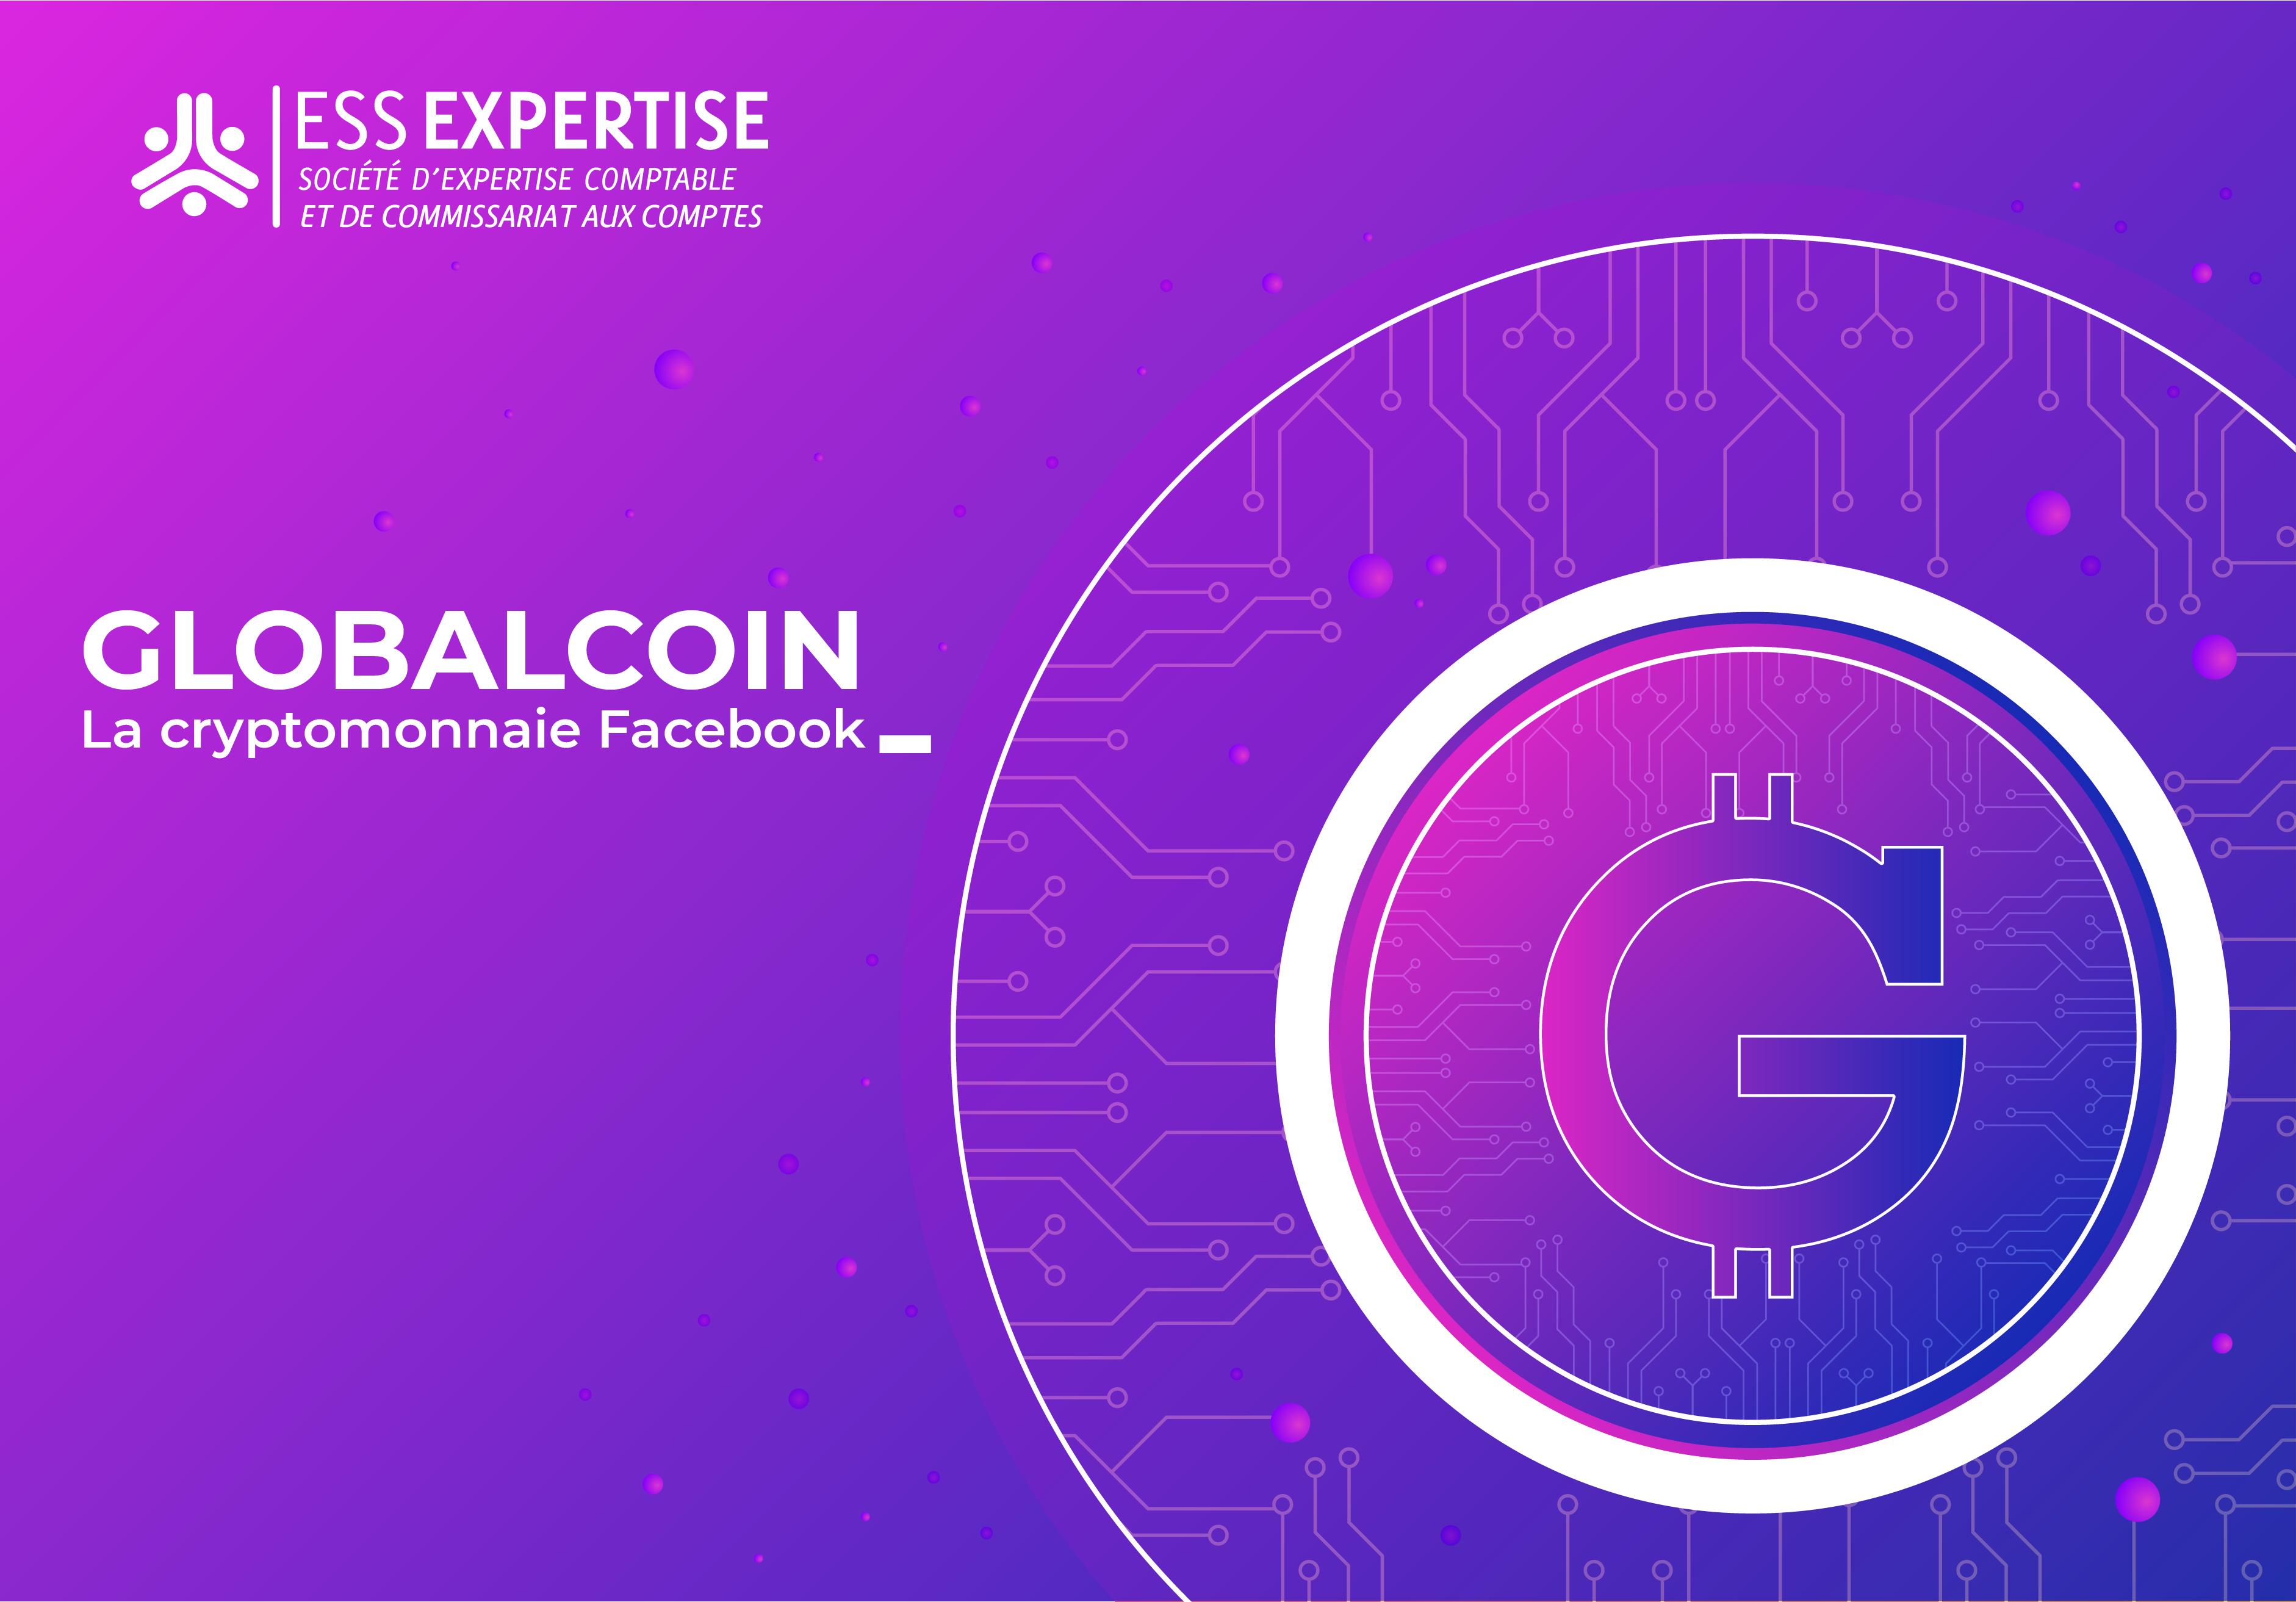 Globalcoin – La Cryptomonnaie Facebook